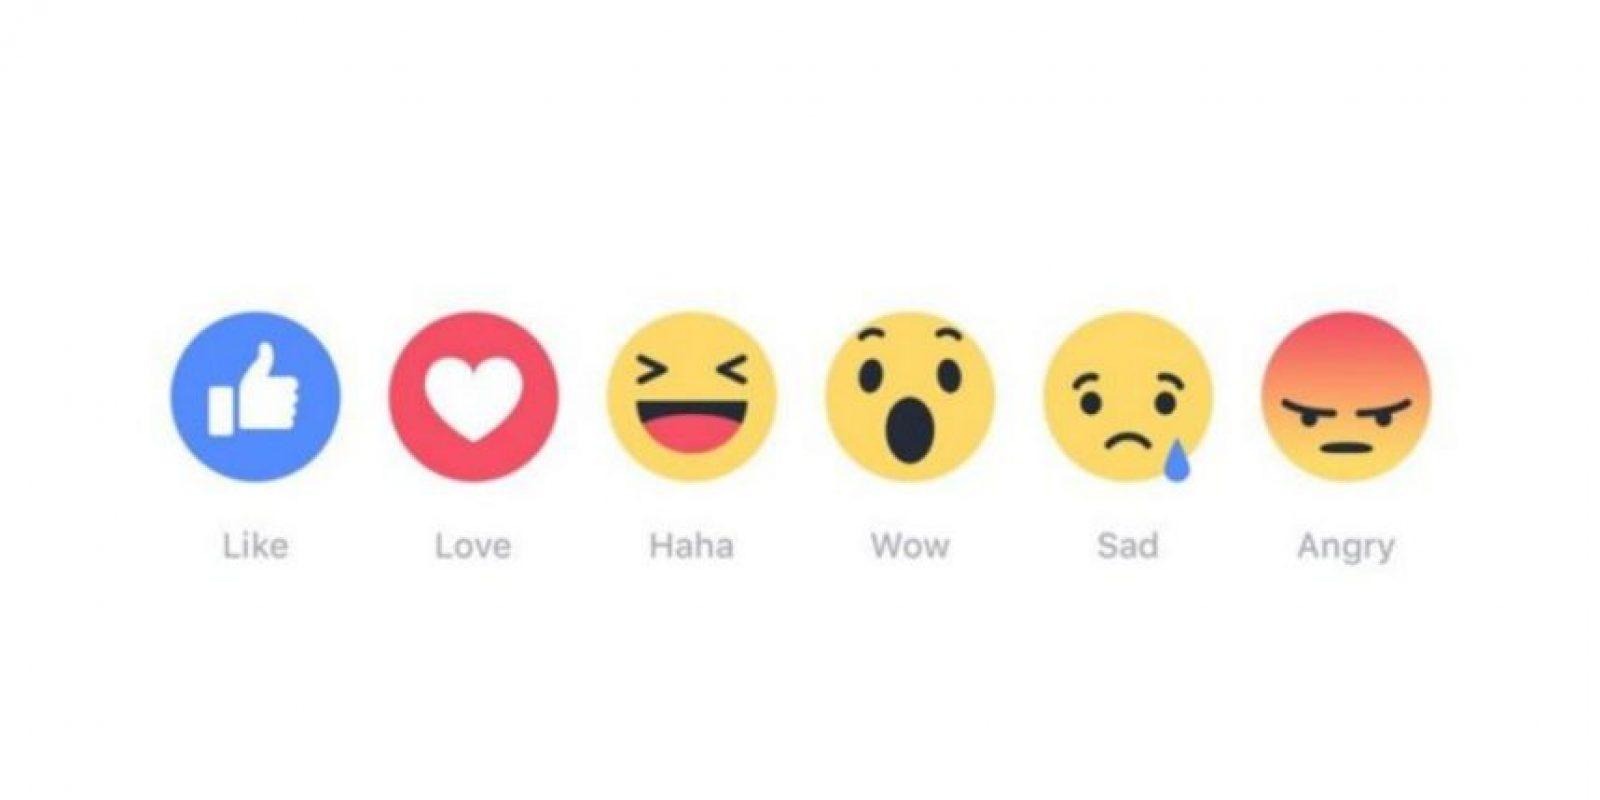 Estos son los recientes Reactions de la red social Foto:Facebook